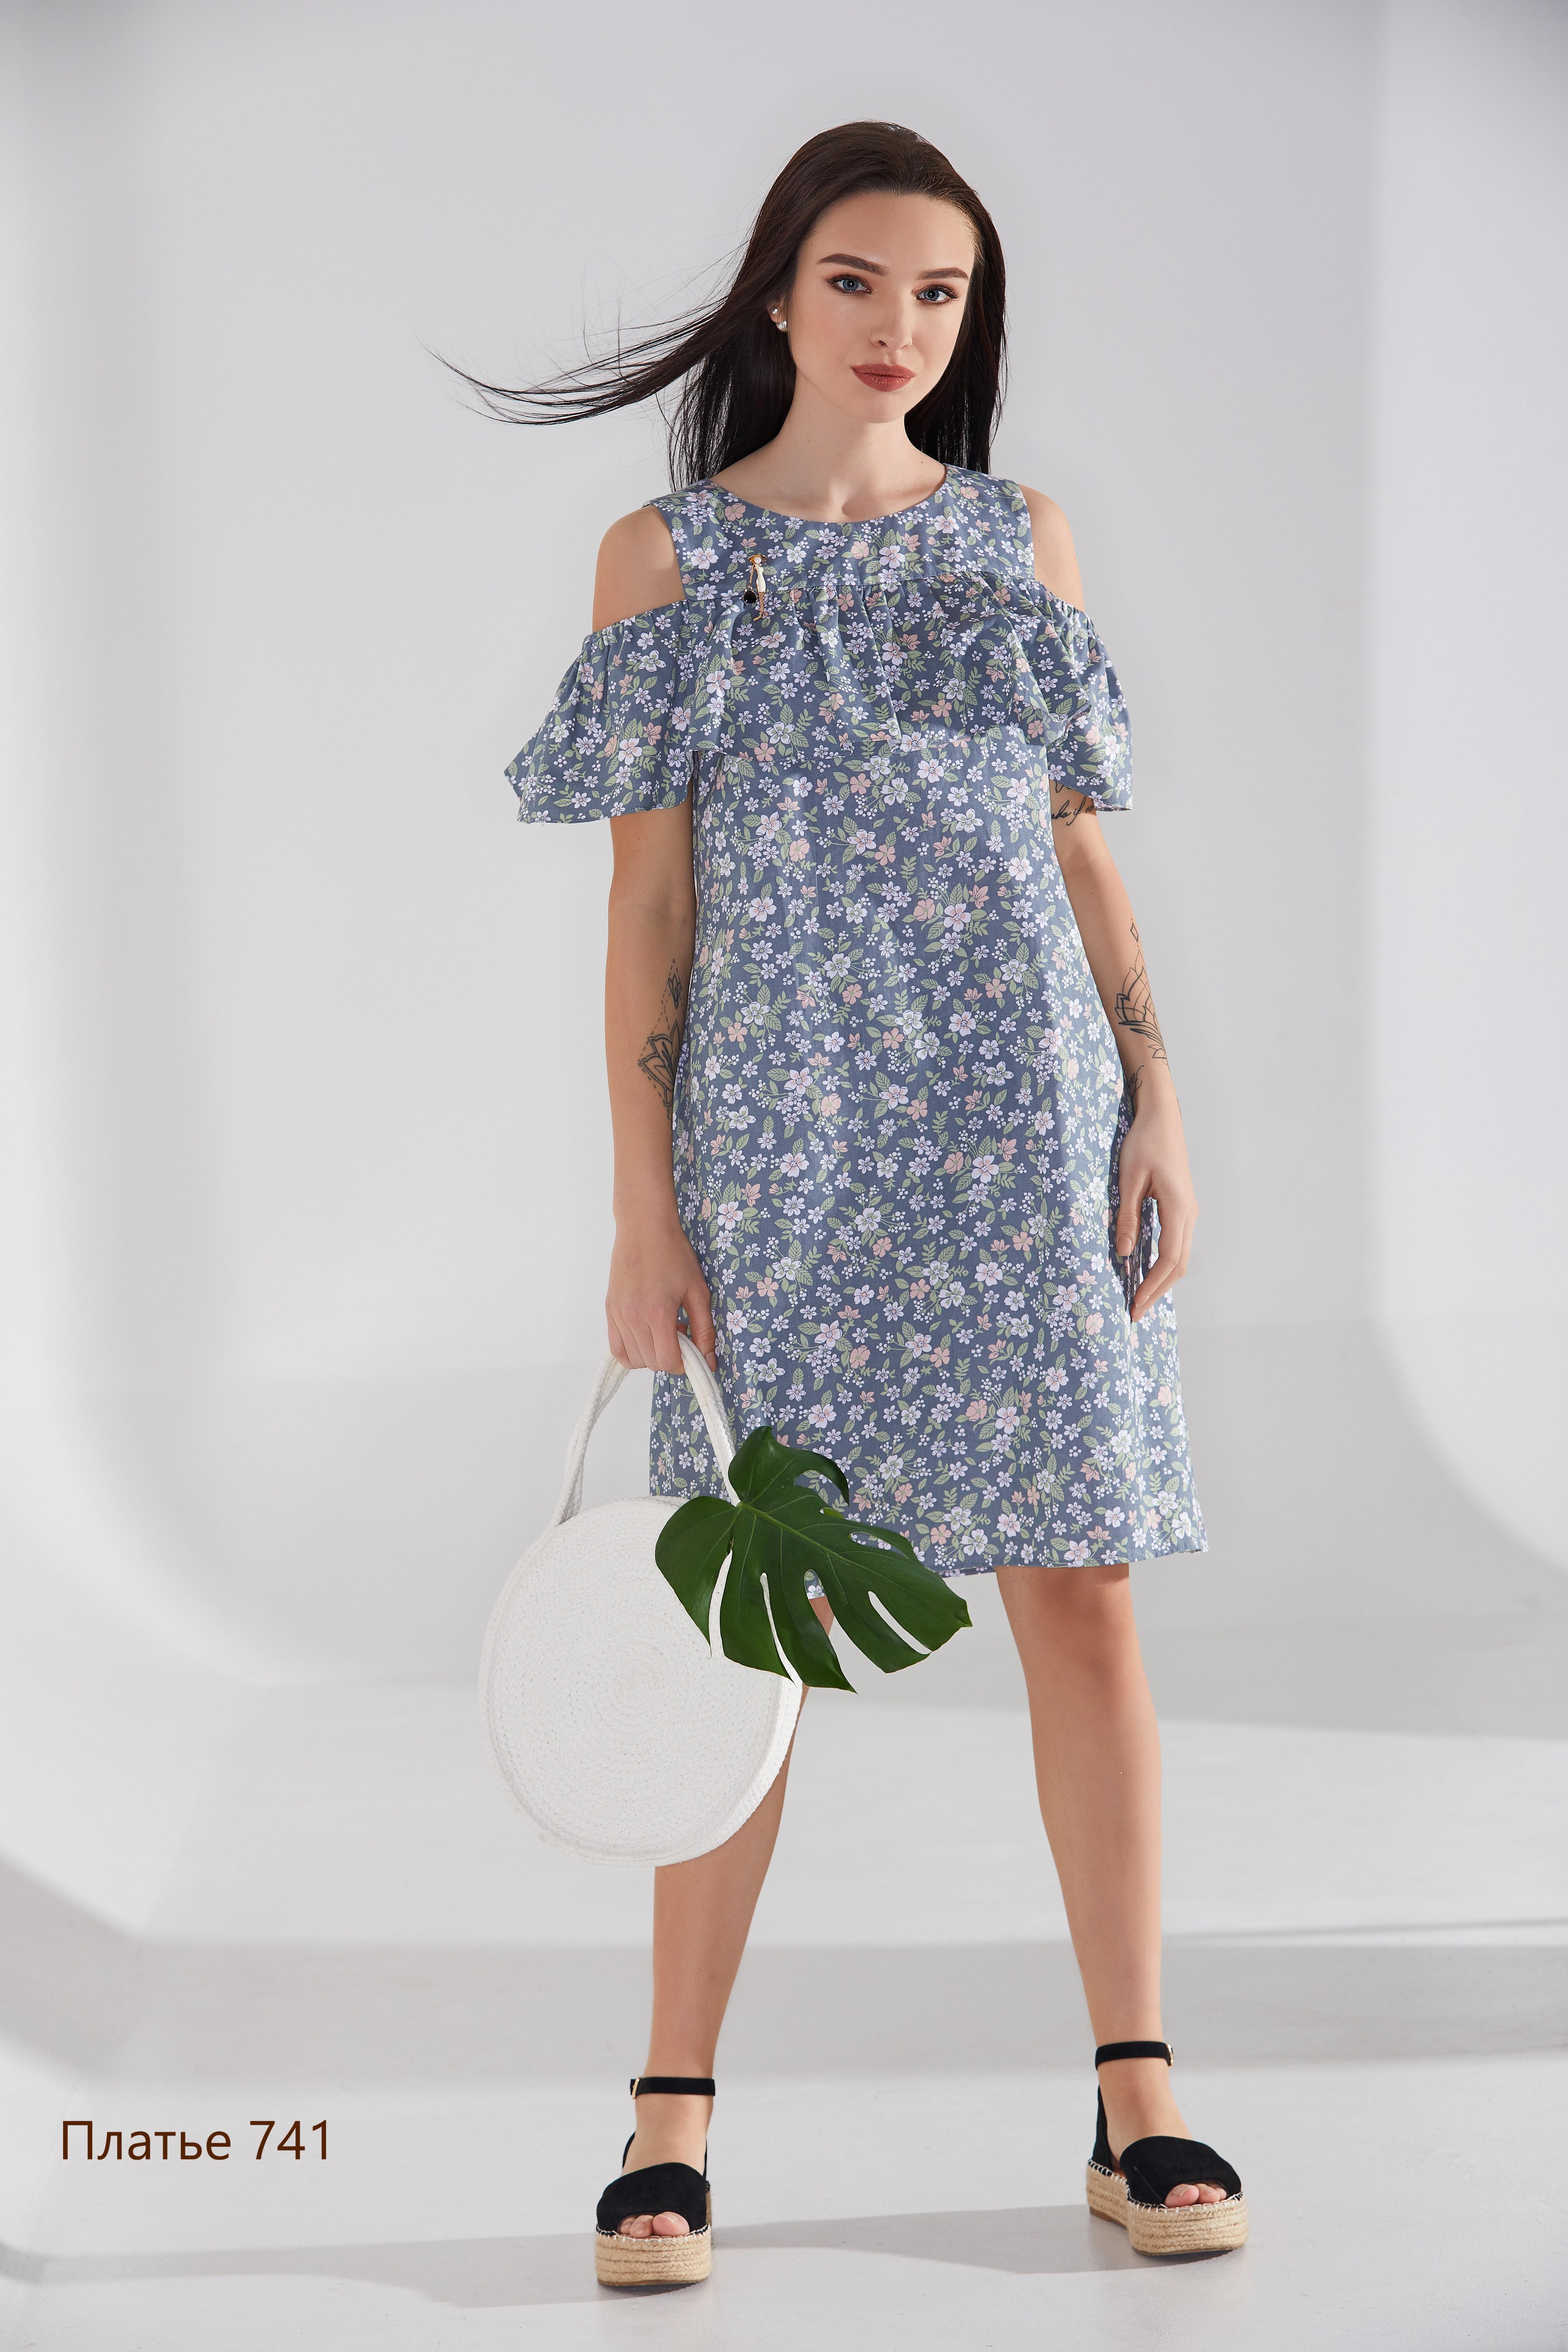 Платье 741 (2)